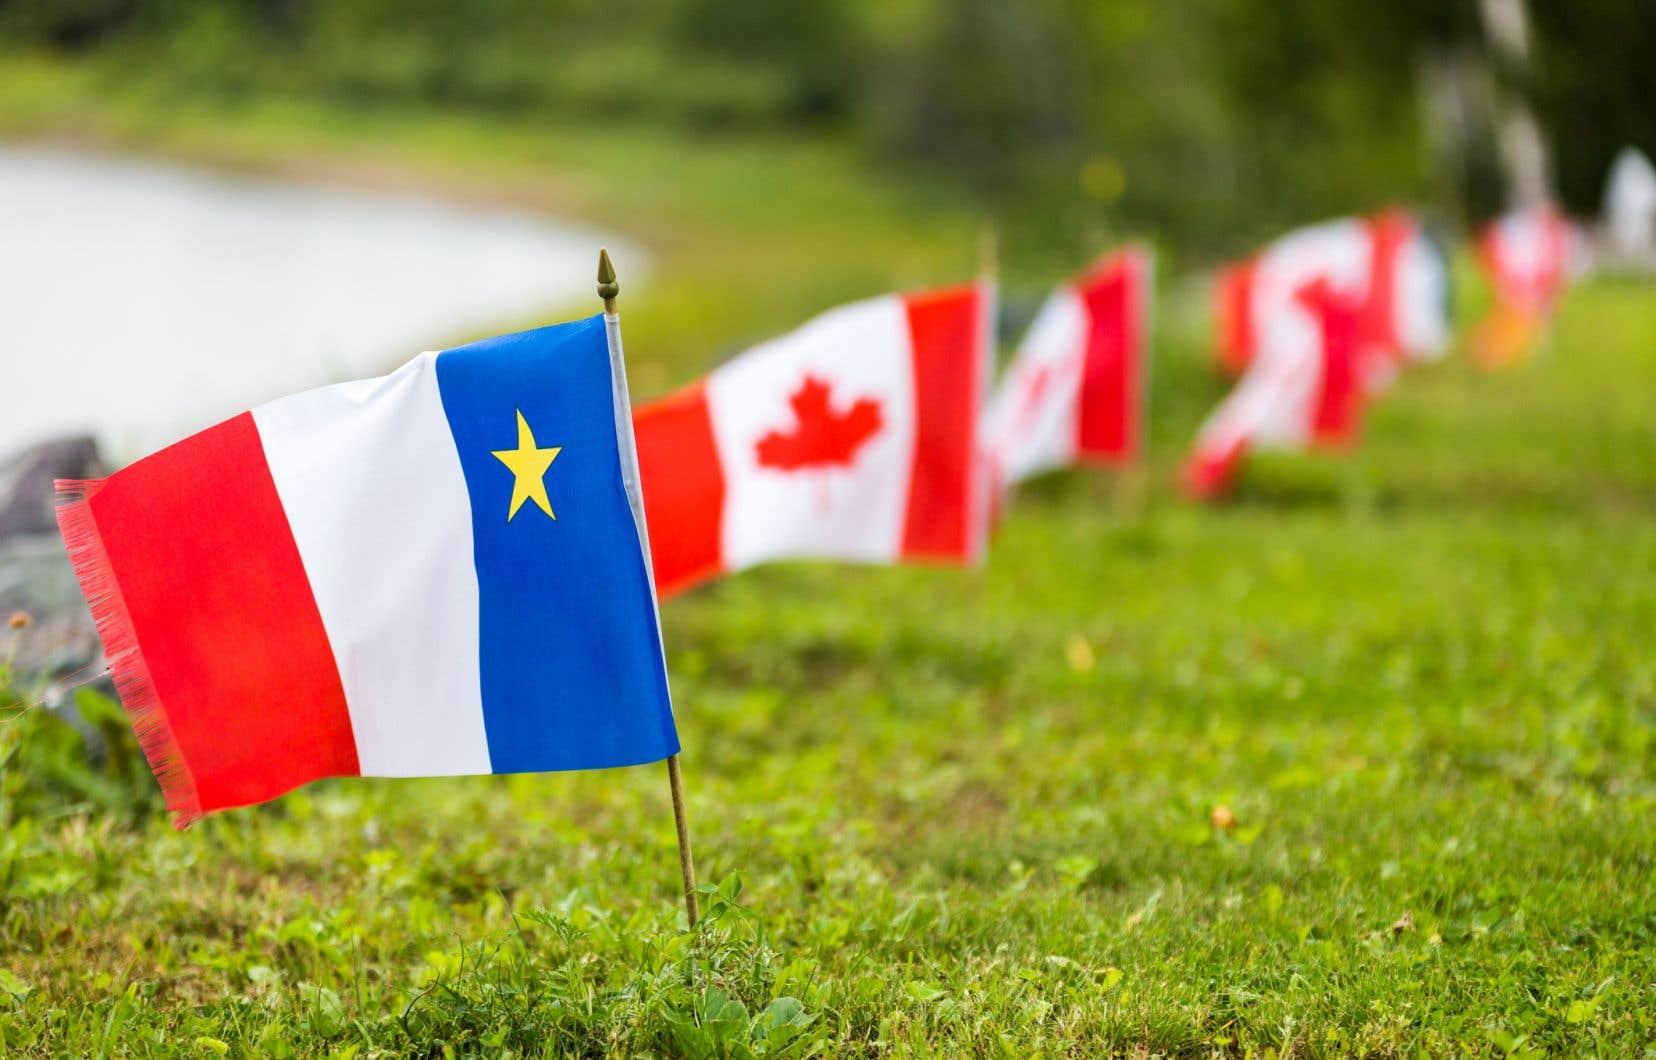 Il me semble que le destin de l'Acadie contemporaine passe à la fois par sa francophonie et sa capacité à créer des espaces sociaux dans son quotidien, tant au Nouveau-Brunswick qu'ailleurs, estime l'auteur.